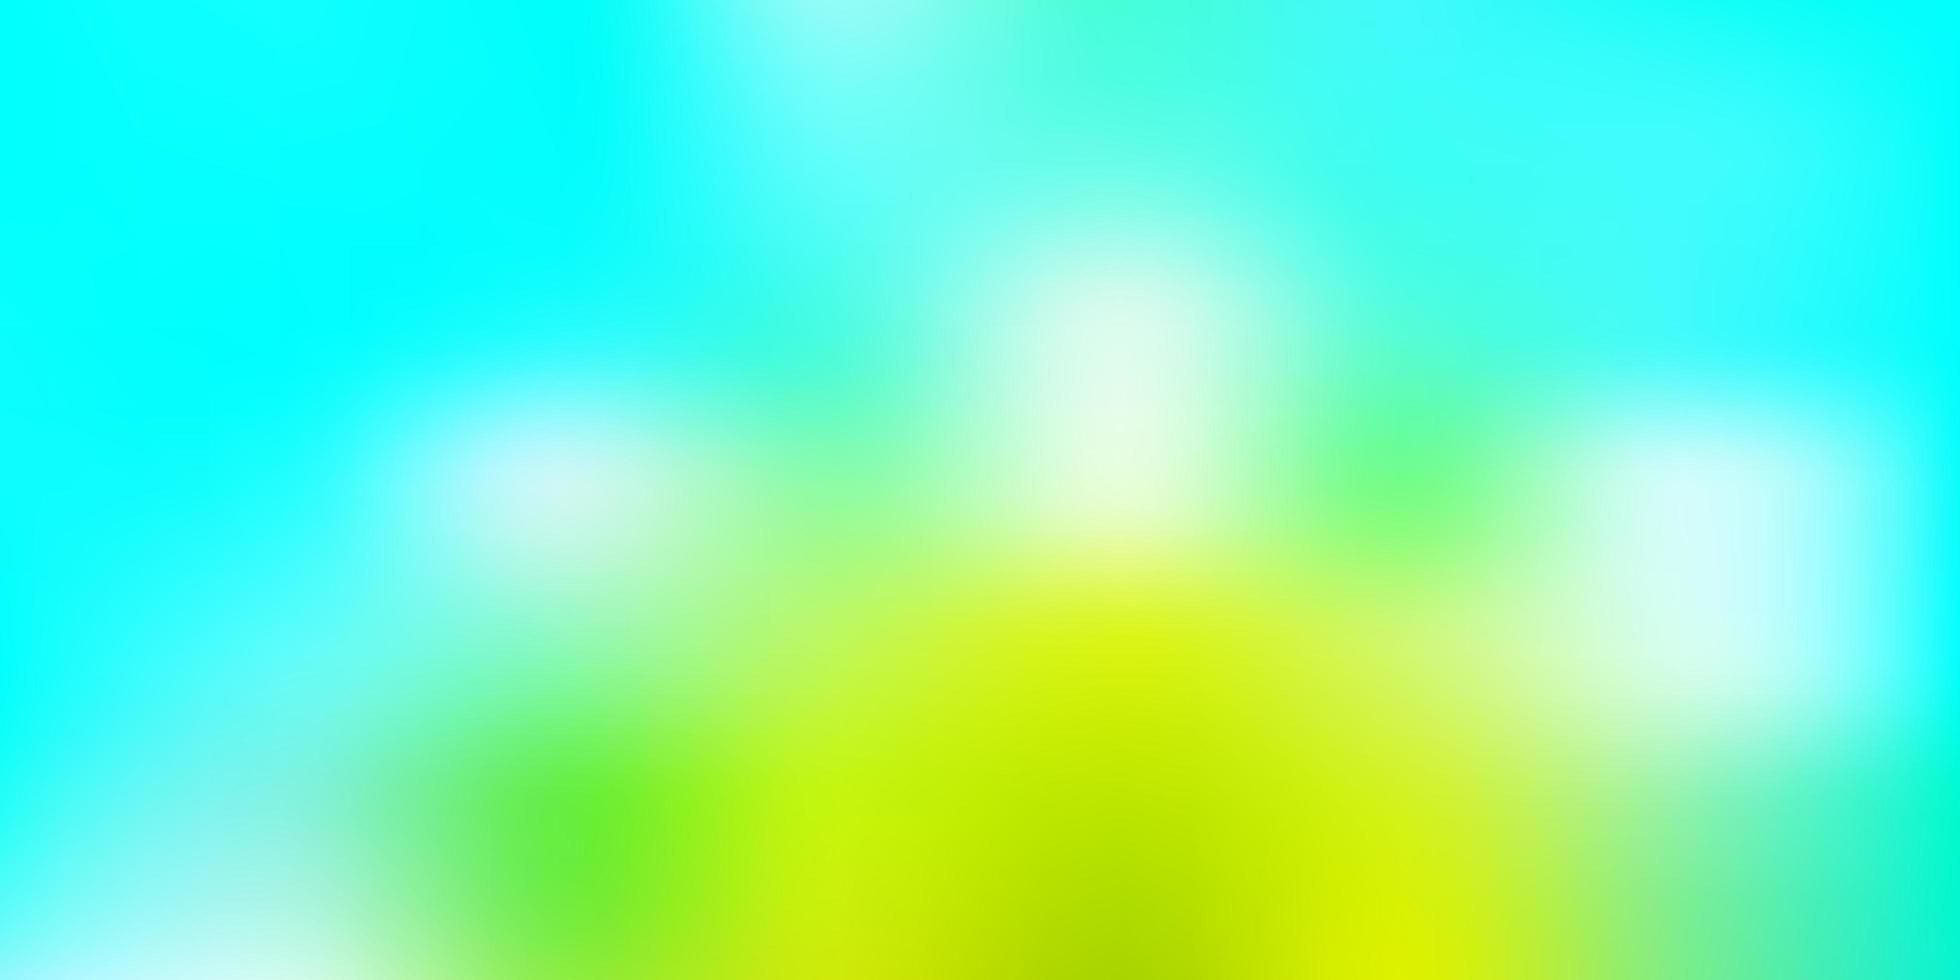 Light blue, green vector blurred texture.